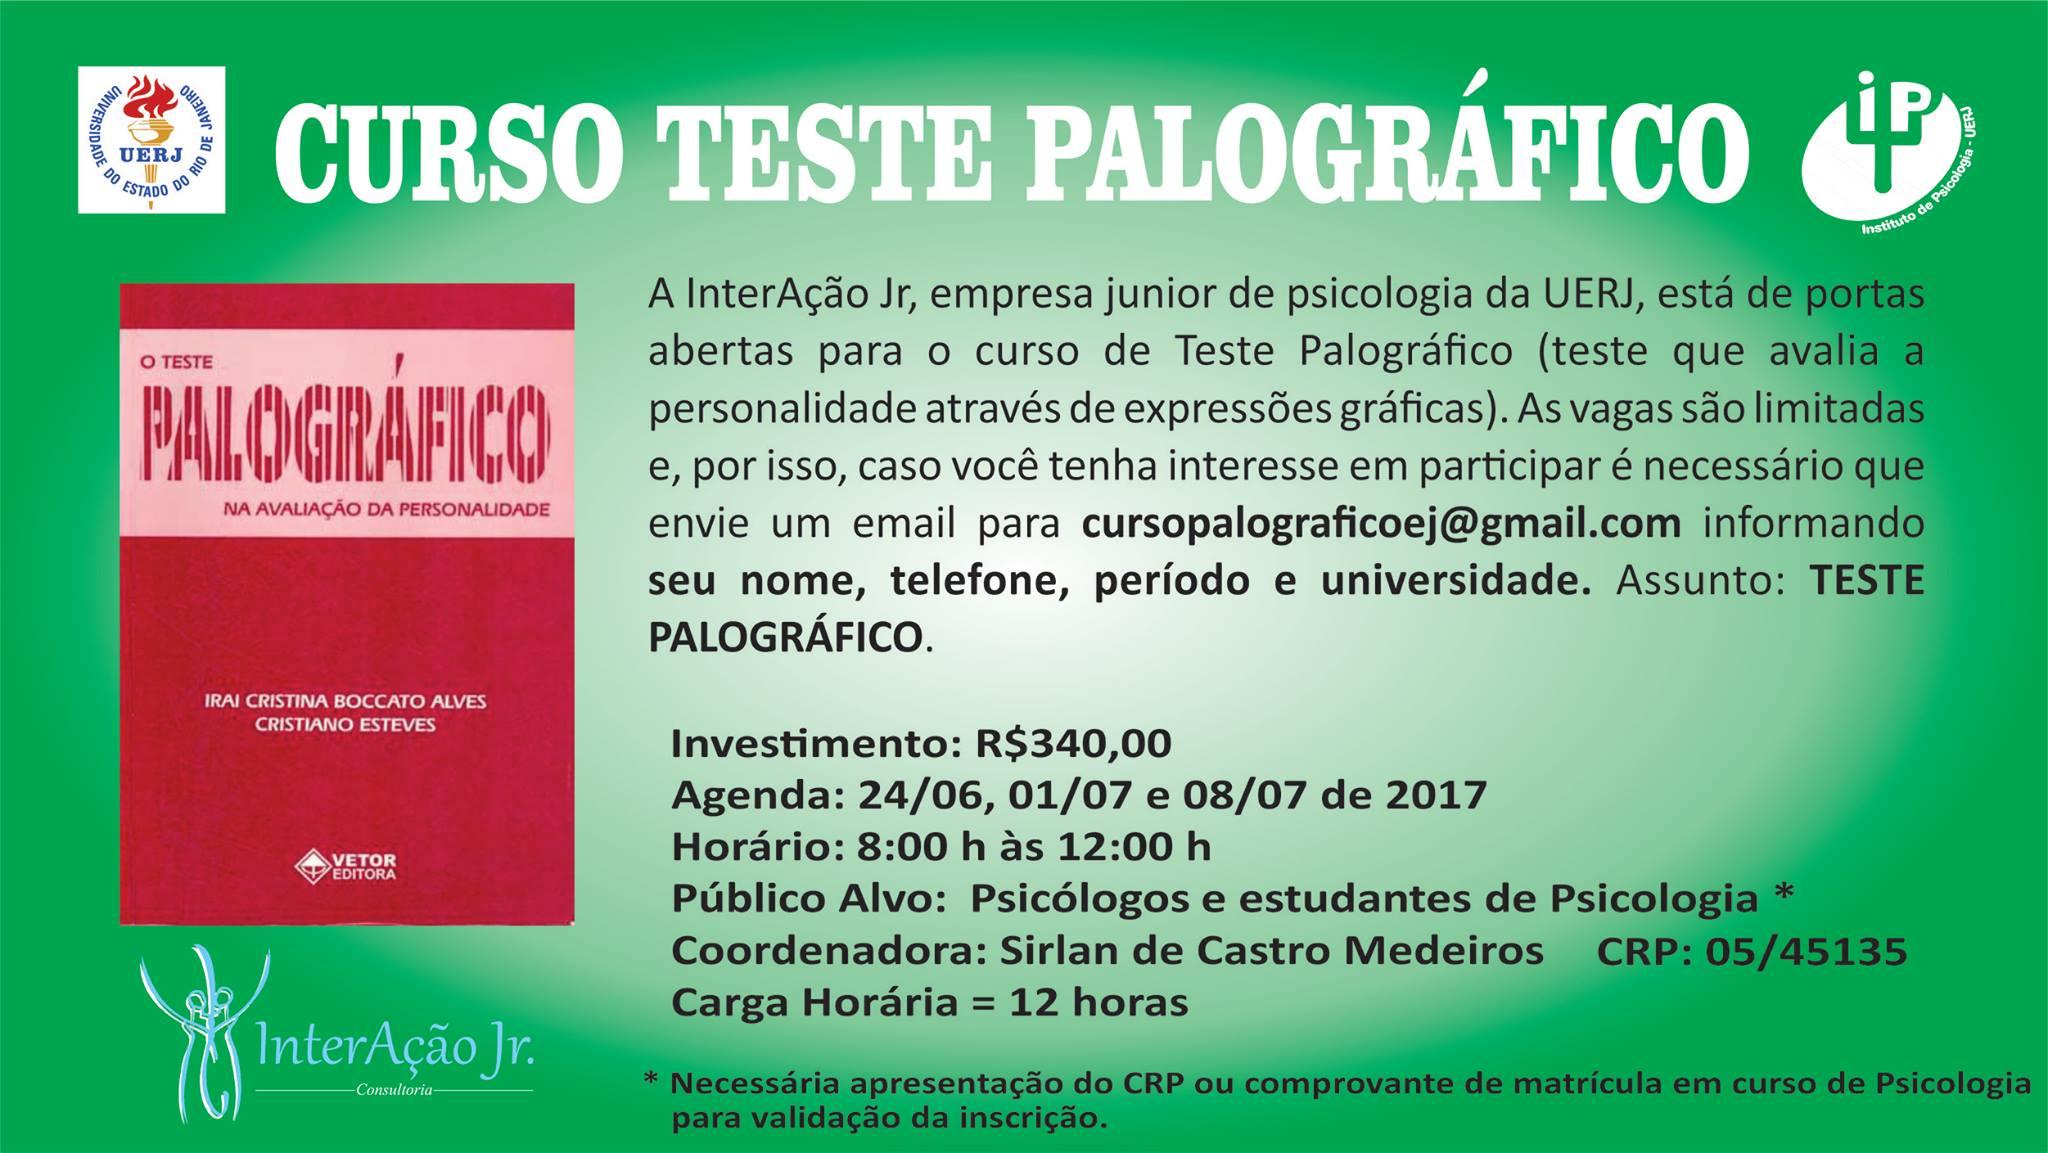 Curso Teste Palográfico- Interação Jr